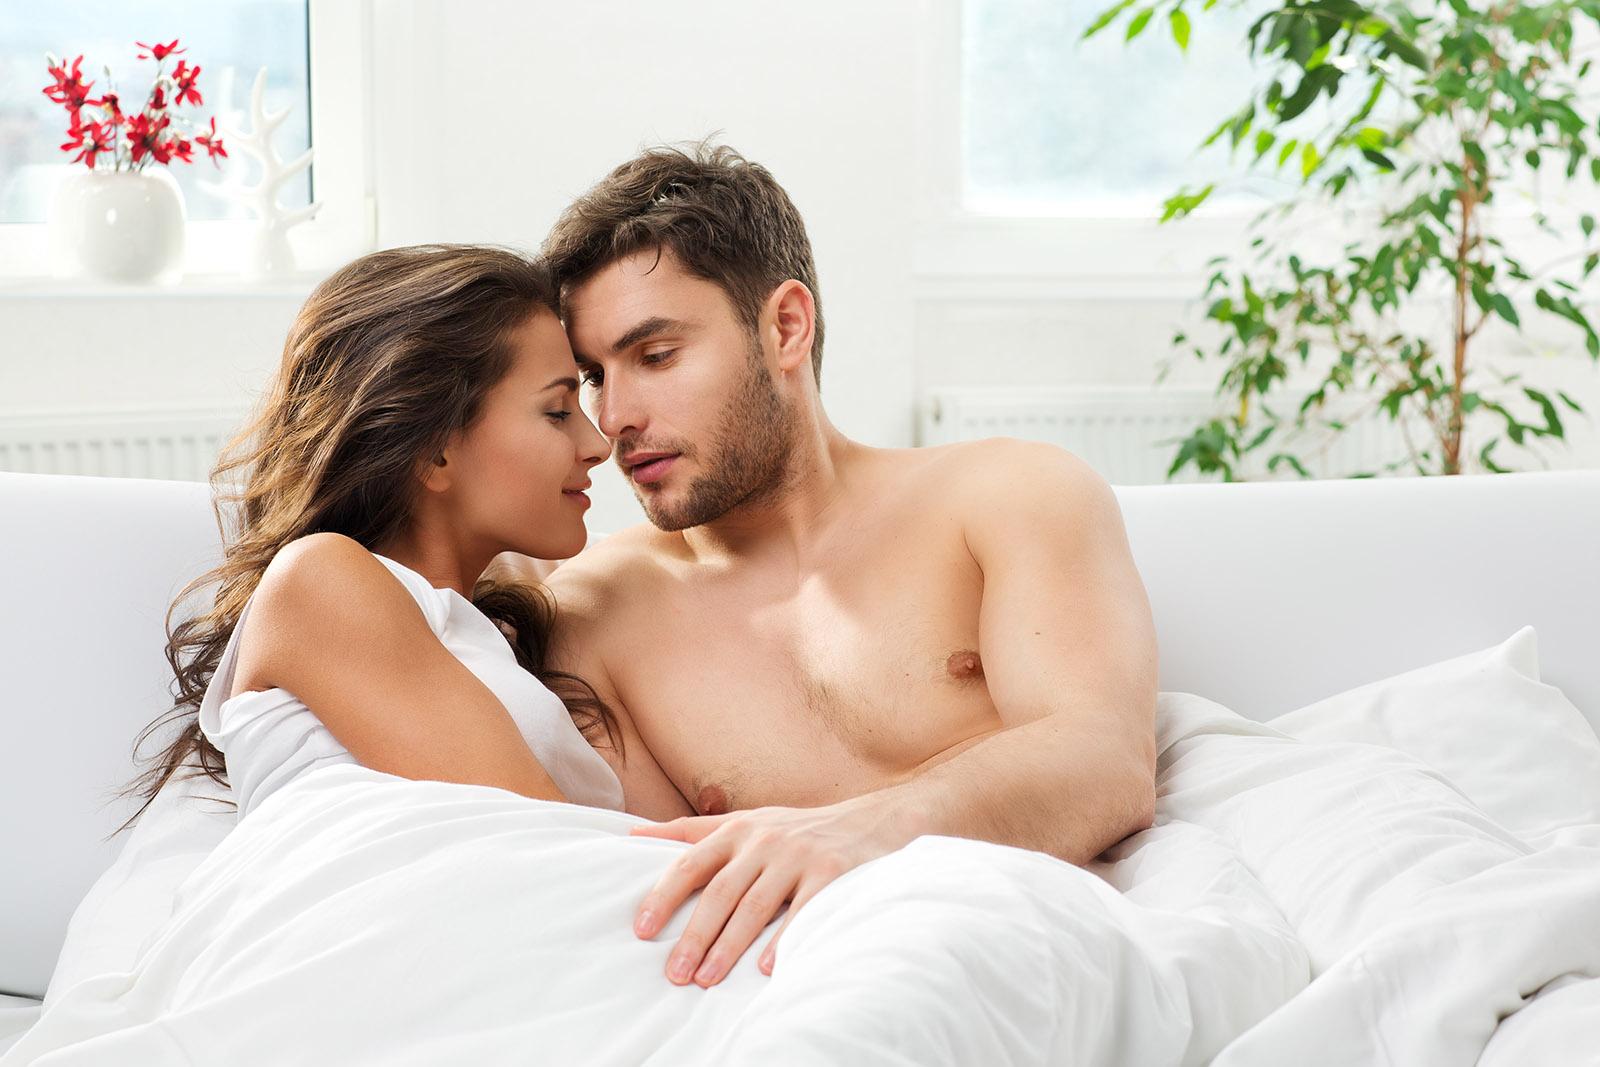 Matriz de Relación Con La Sexualidad - Del Sexo Al Erotismo Infinito